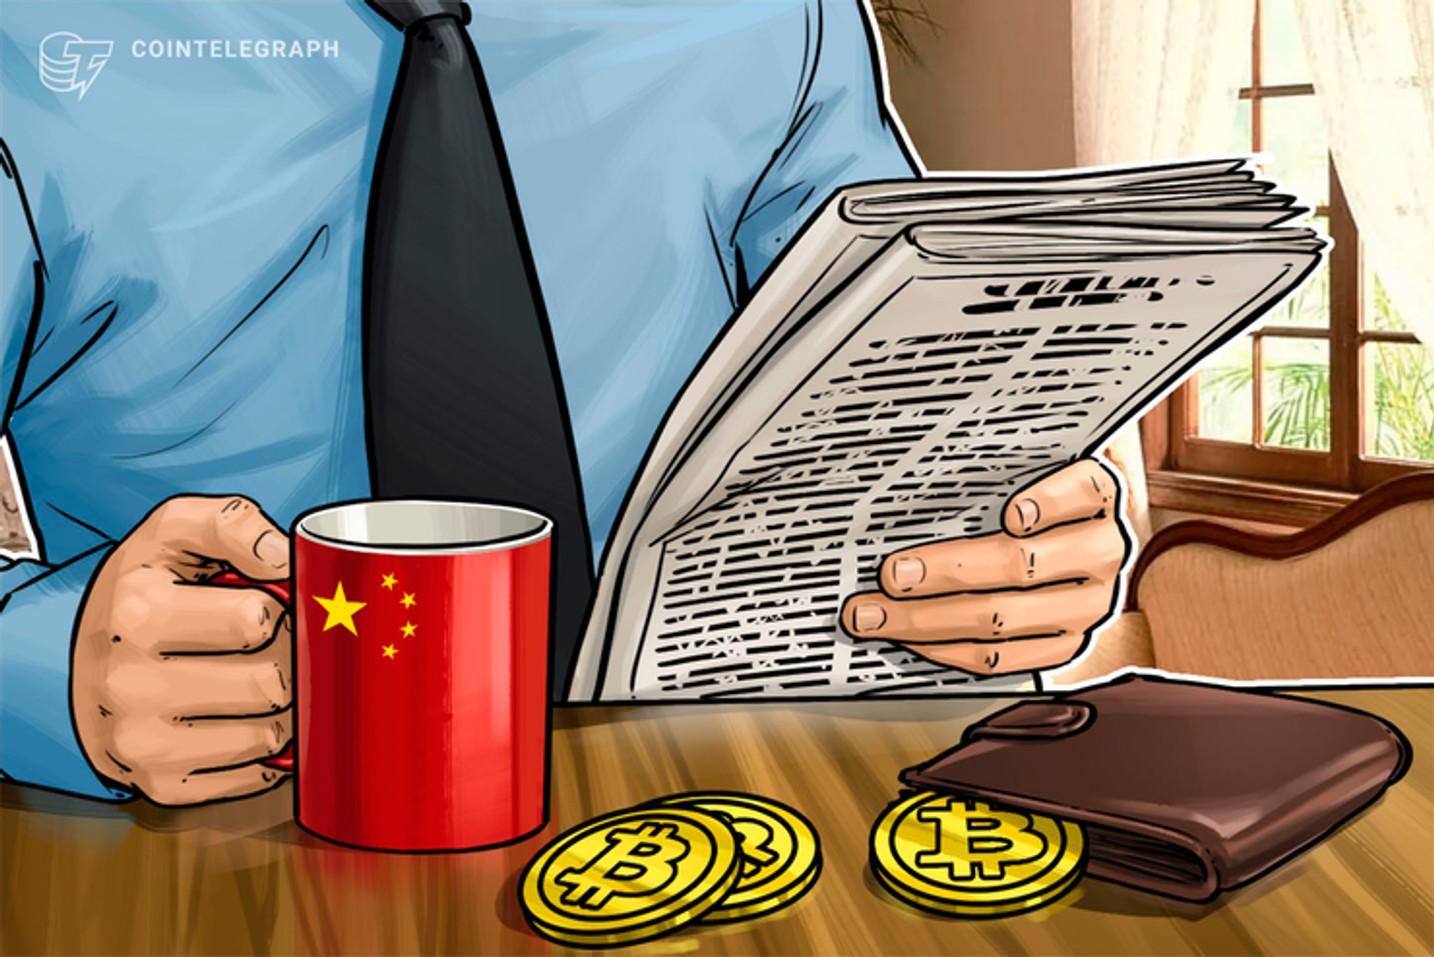 China estaria perto de 'legalizar' Bitcoin e criptomoedas emitindo licença para exchanges